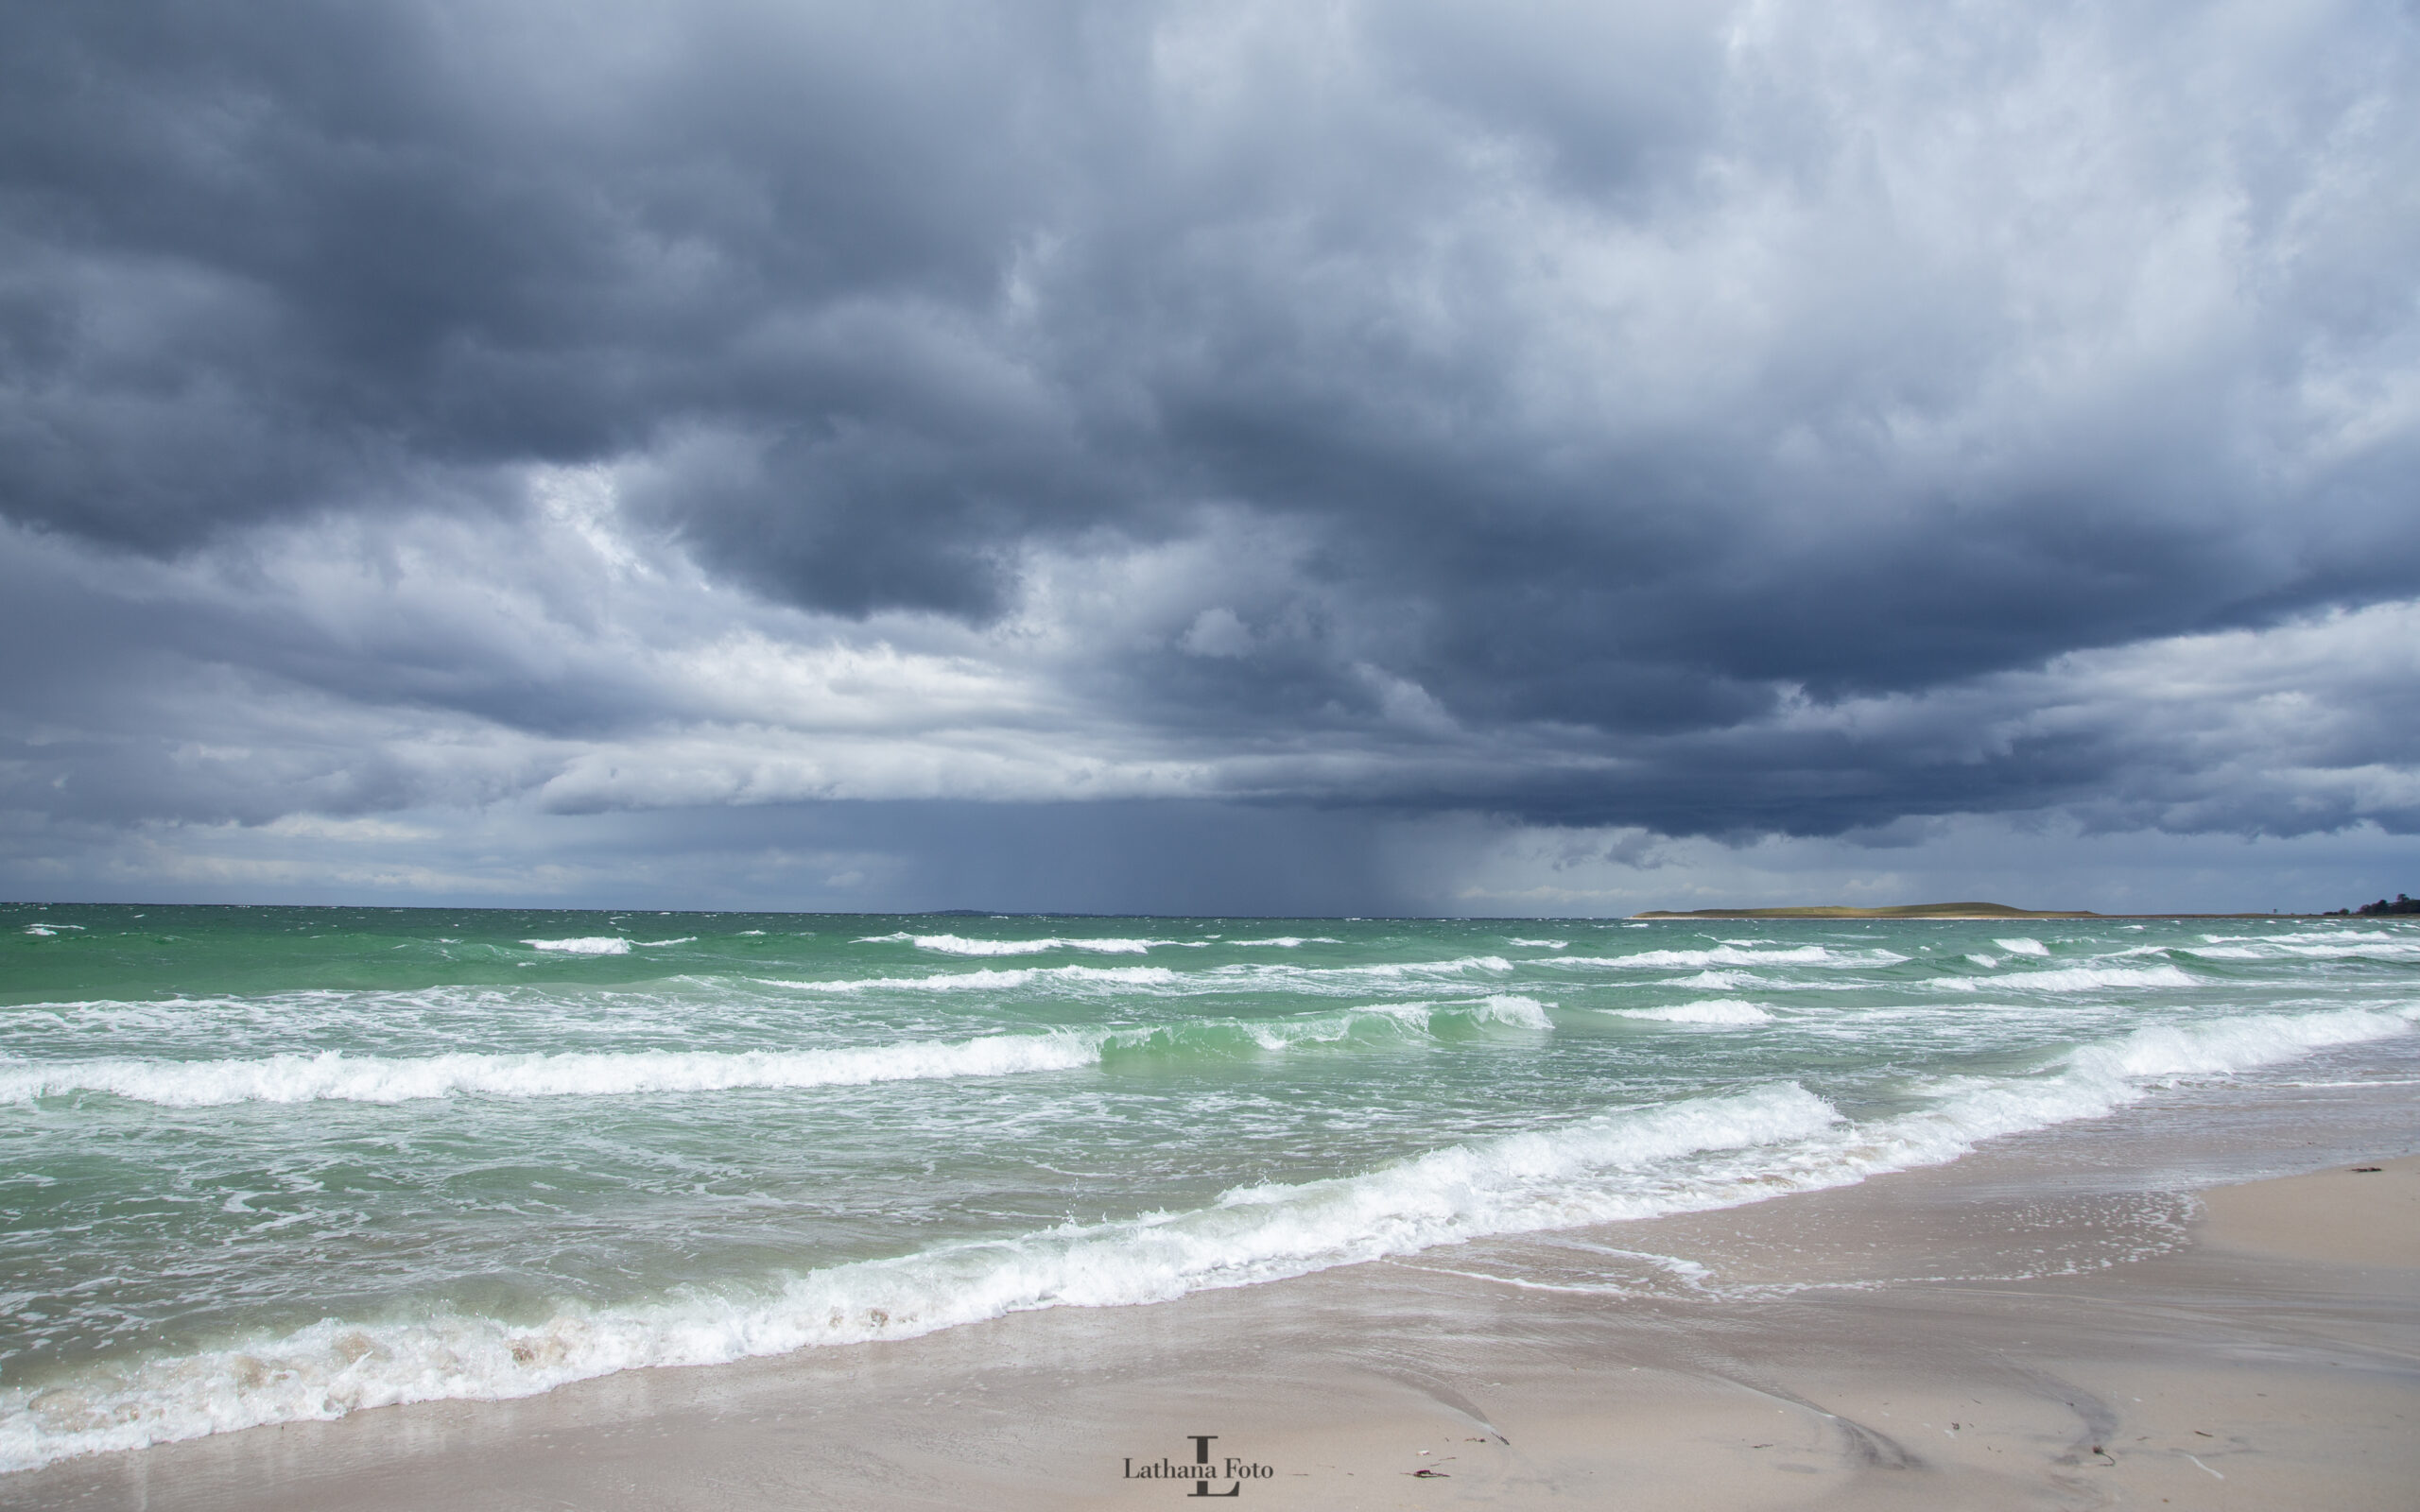 uvejr på sydstranden 060620 6